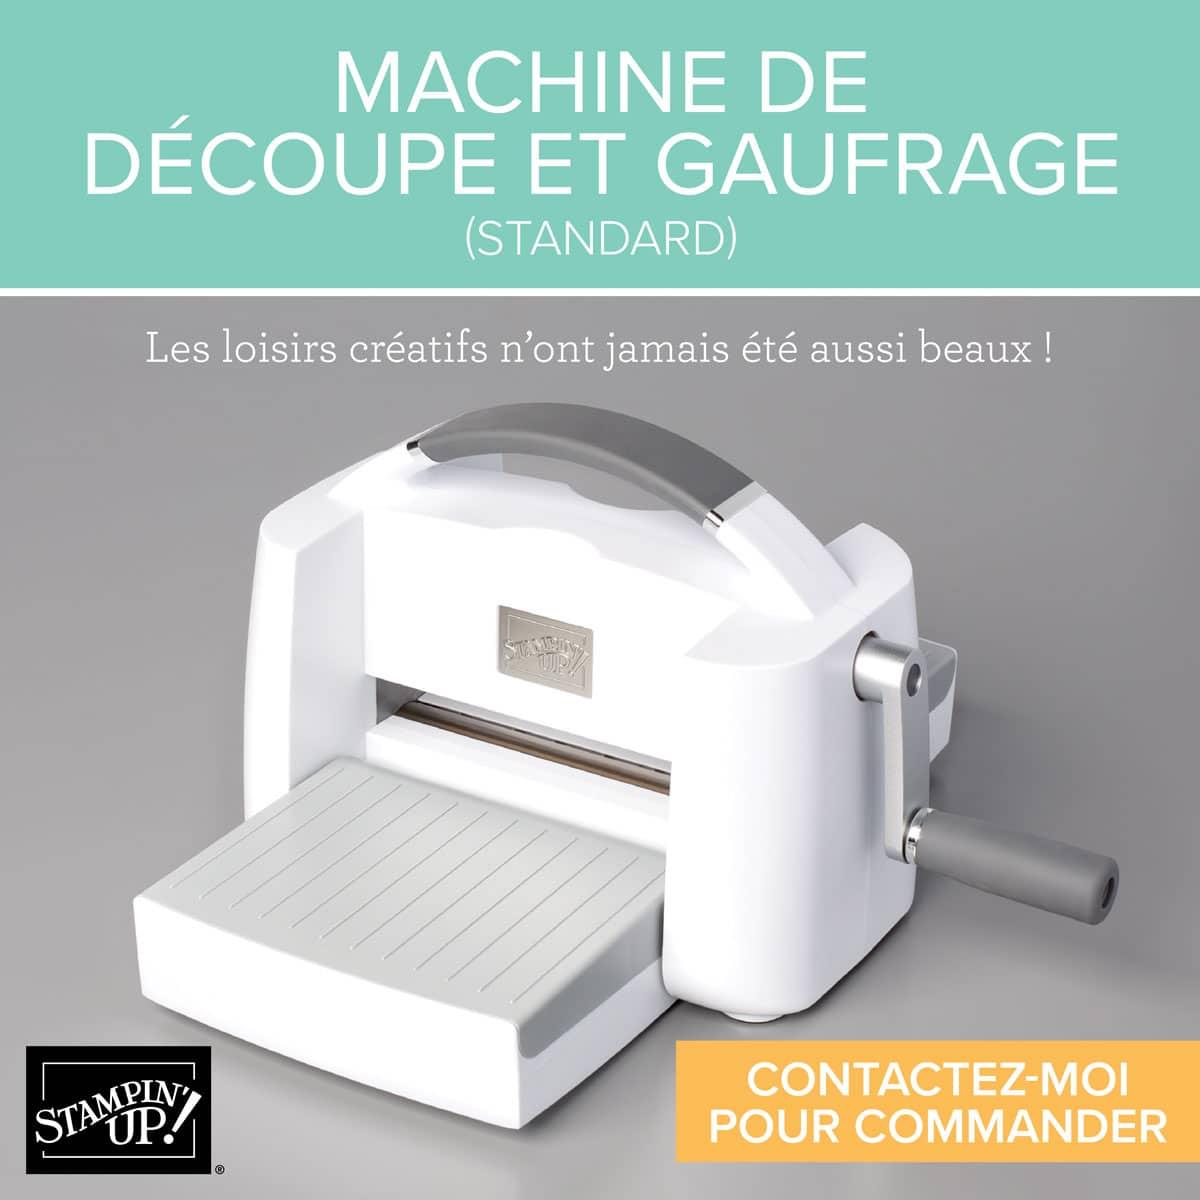 Commandez la nouvelle Machine de découpe et de gaufrage stampin up